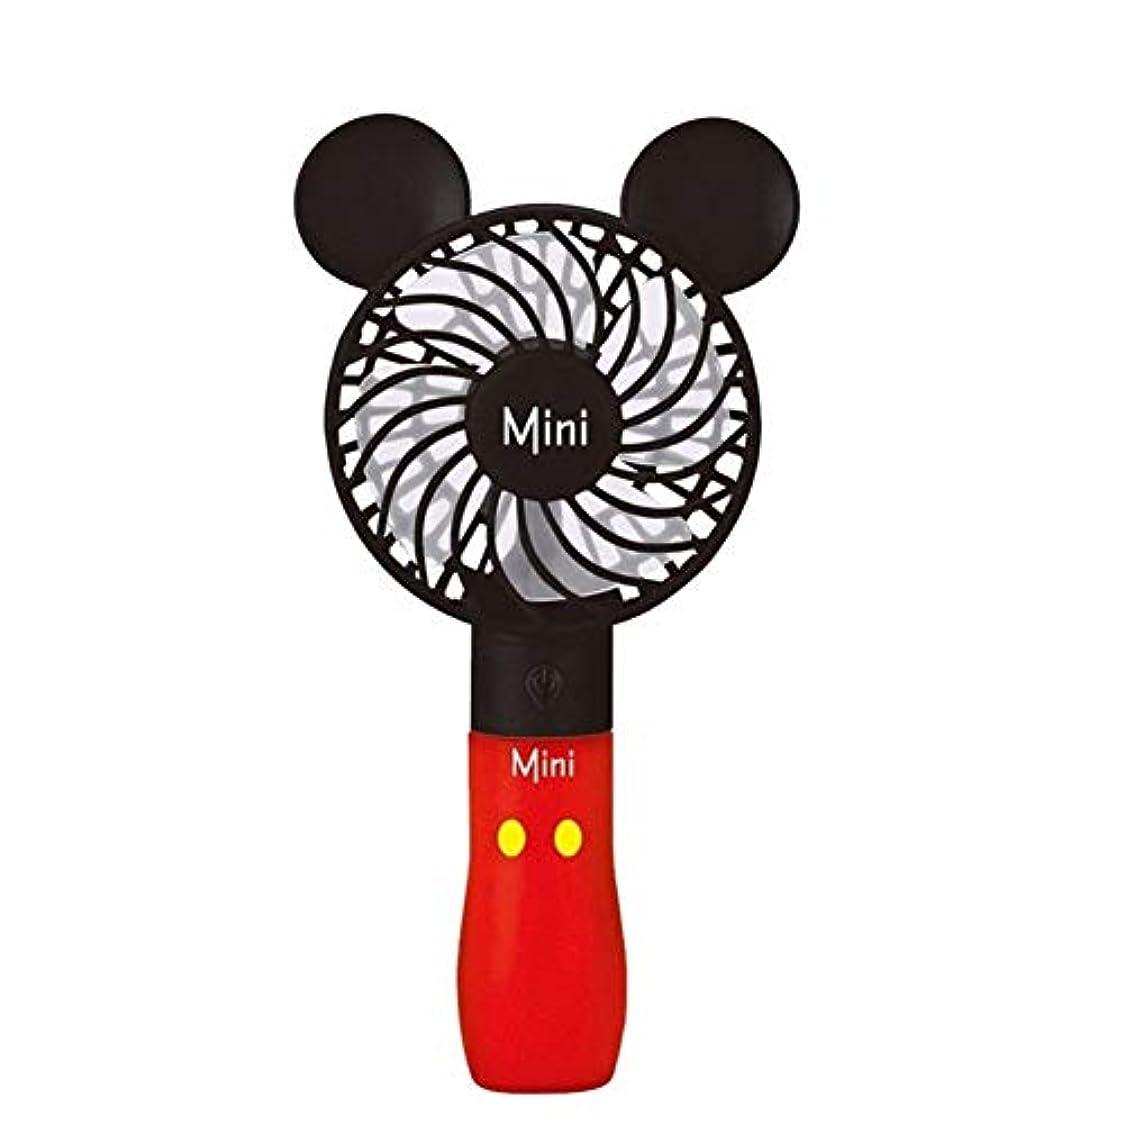 立場不良品提案ミニファン ファンポータブルハンドヘルド充電式内蔵バッテリーUSBポートポータブル空冷ミニファンホーム屋外旅行オフィス ハンドヘルド (Color : Red)